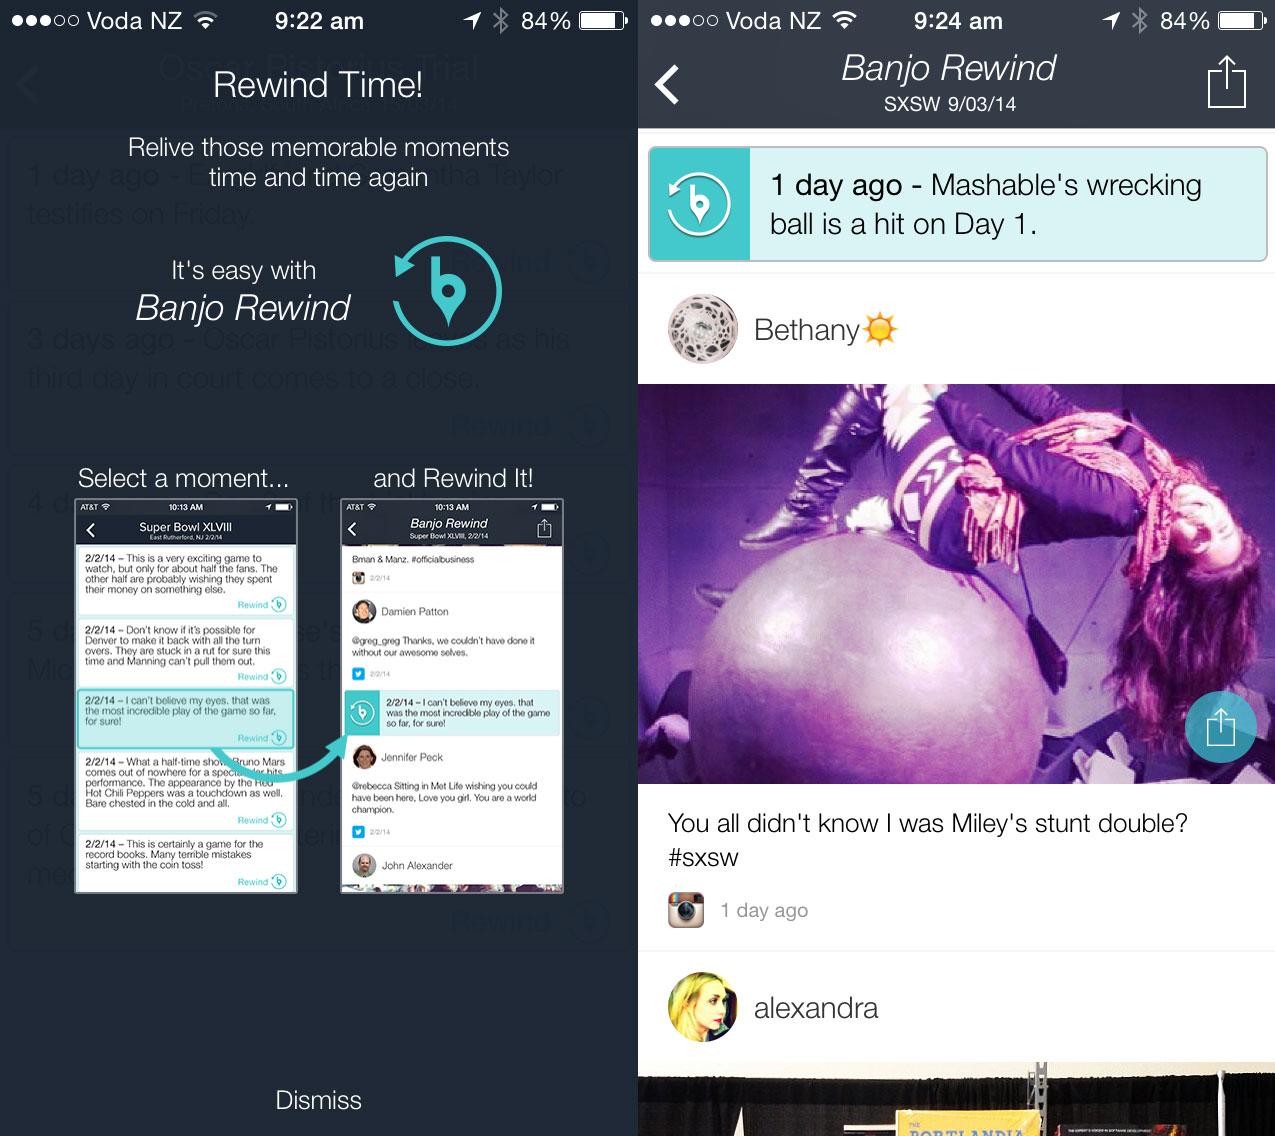 banjo Banjo updates mobile apps to create TiVO for social media